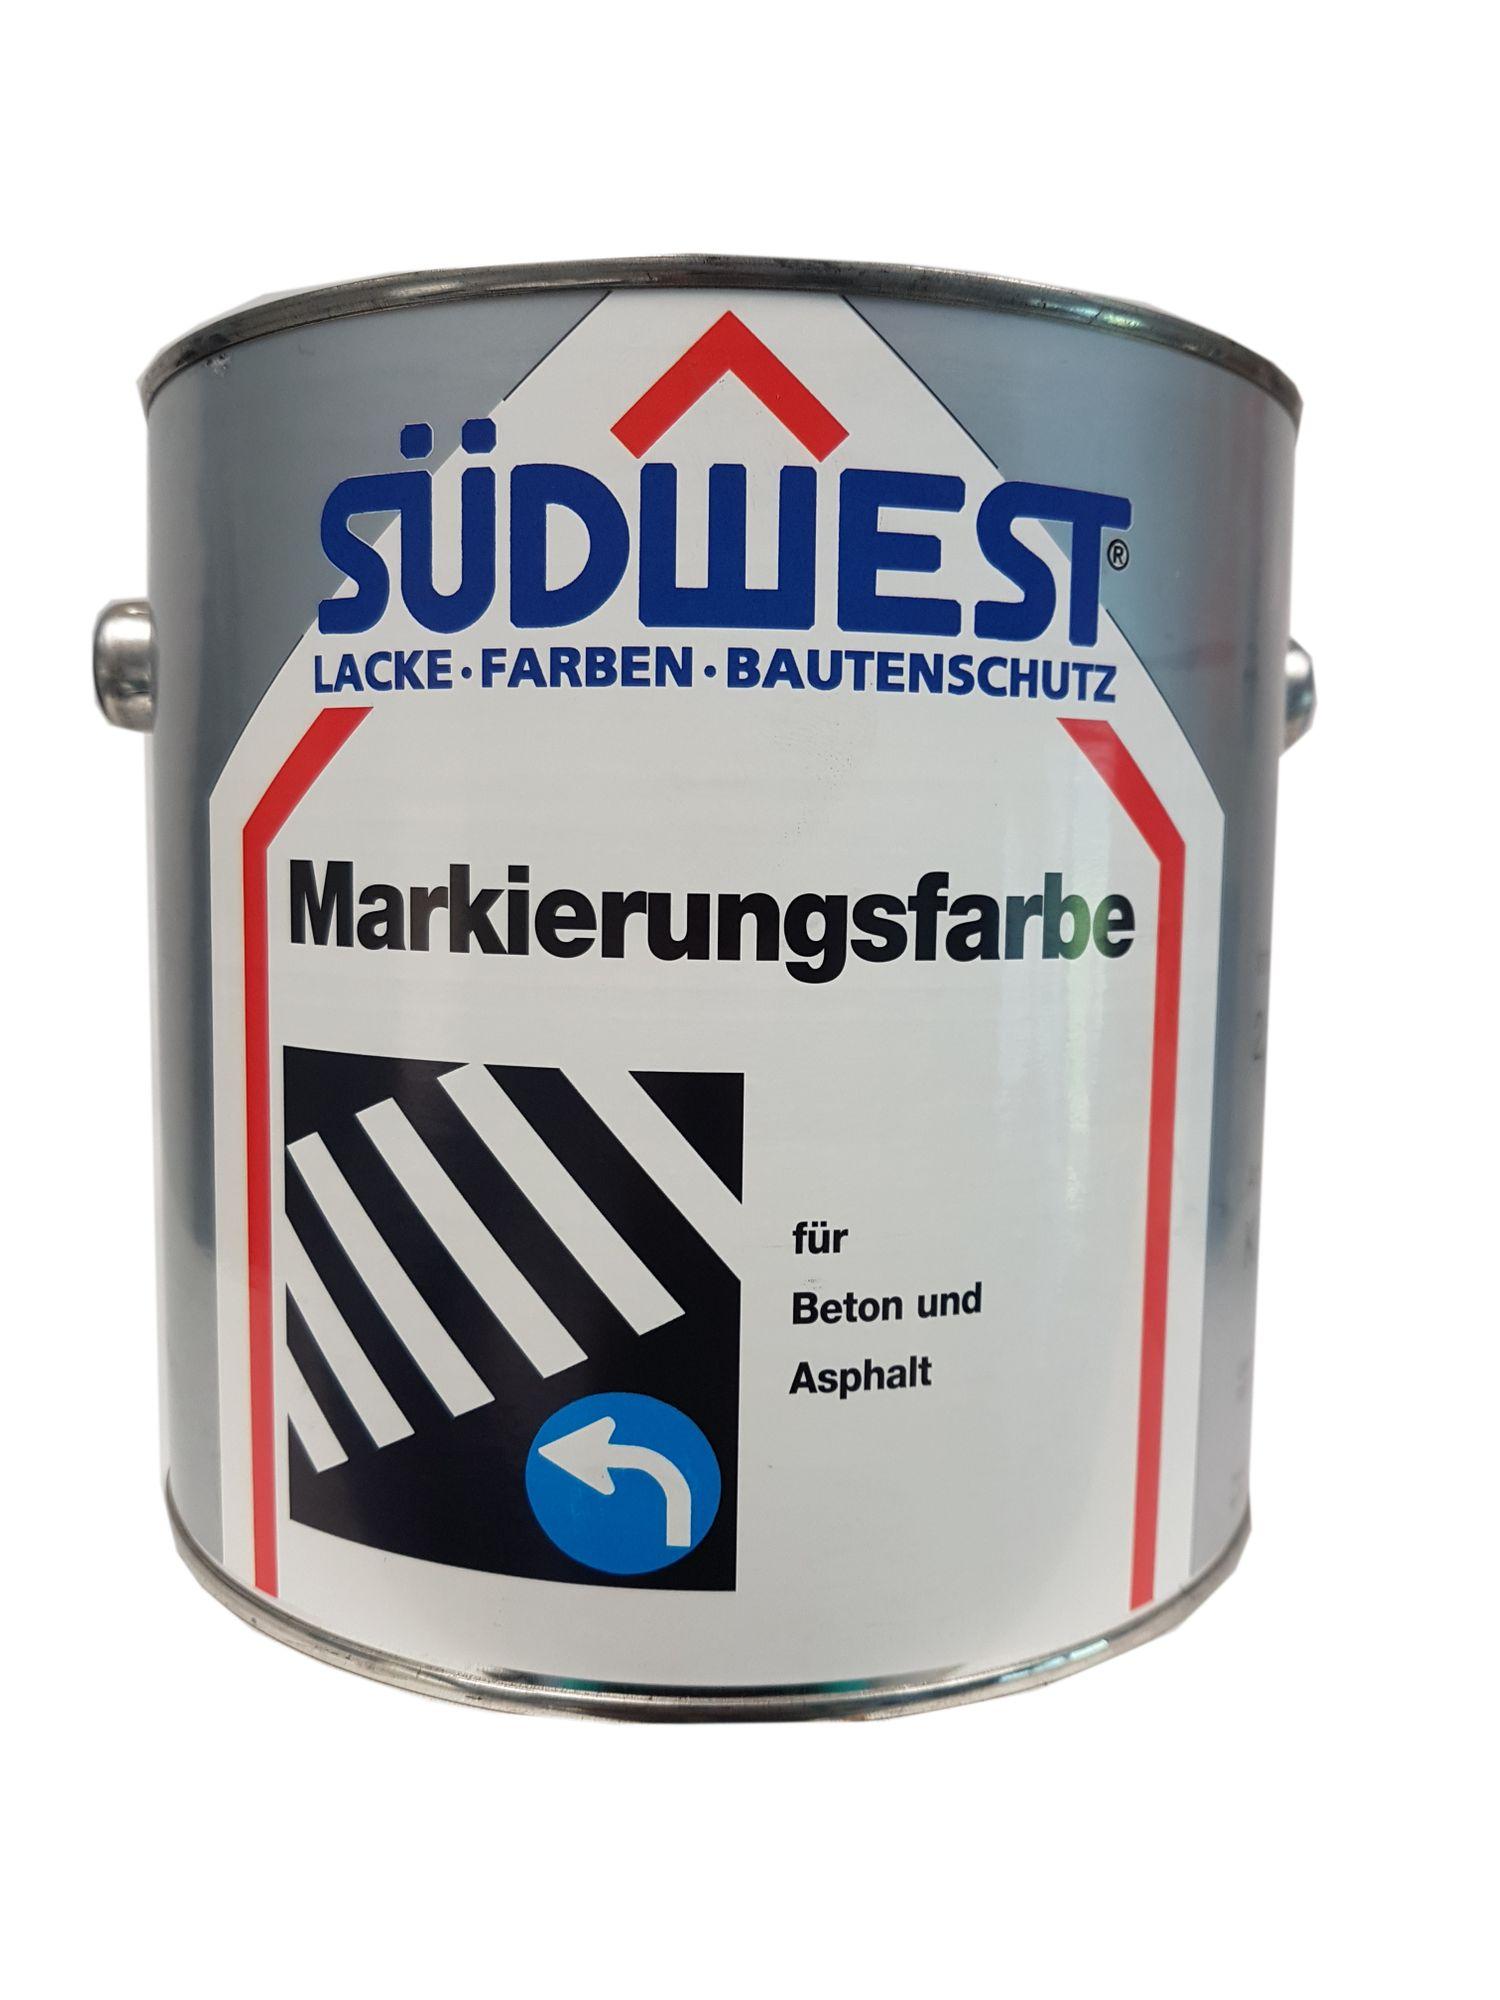 SÜDWEST Markierungsfarbe K 26 für Beton und Asphalt  Matt  Farbton wählbar 2,5 Liter